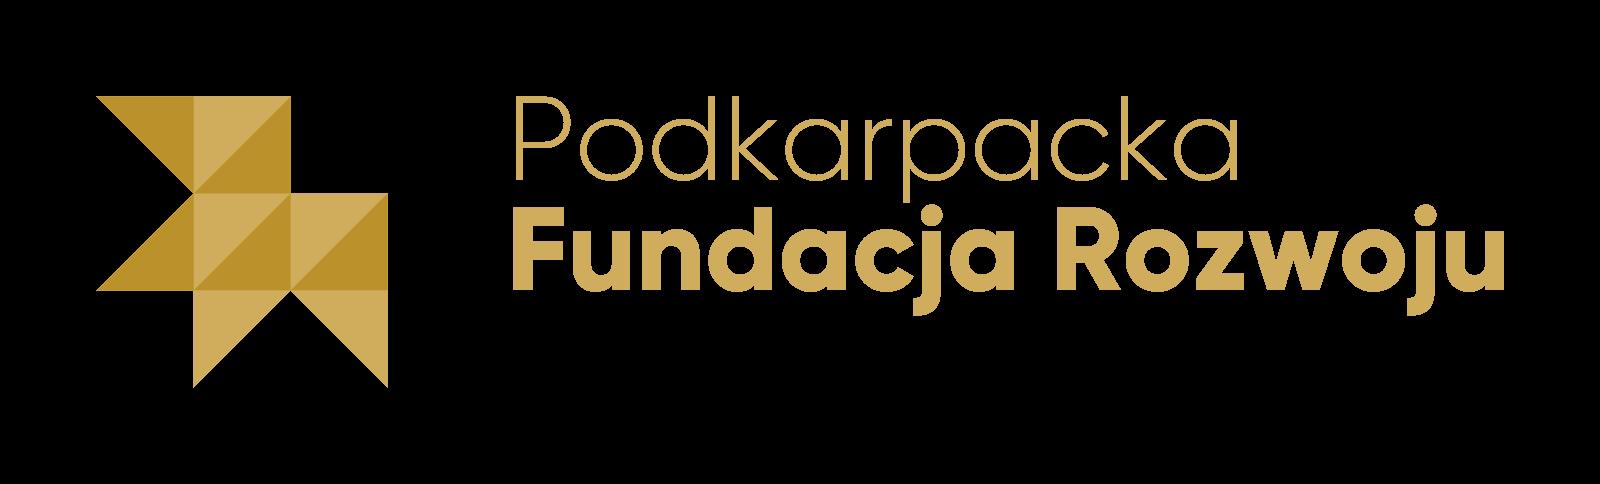 Podkarpacka Fundacja Rozwoju